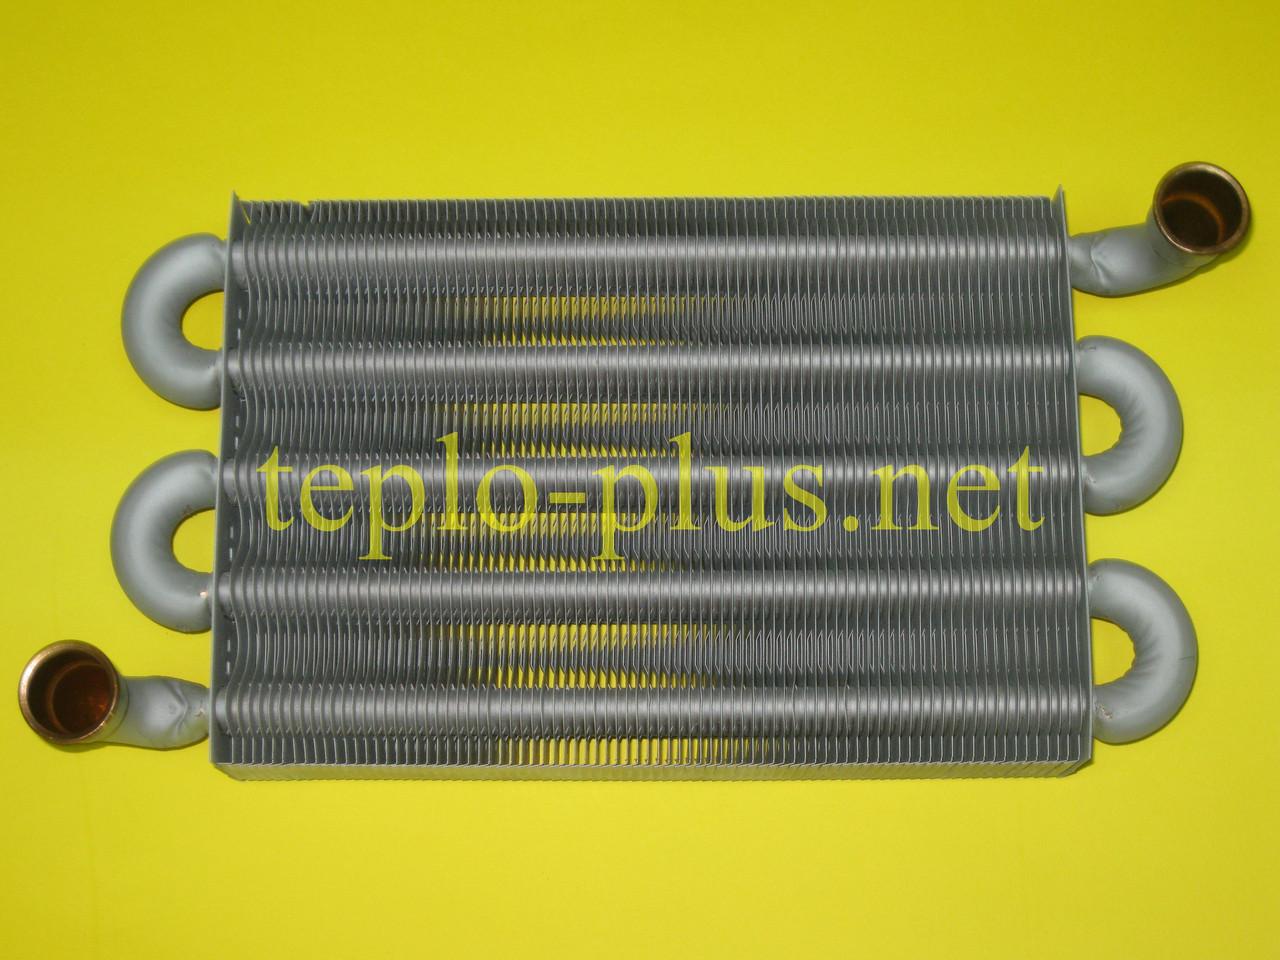 Теплообменник первичный (основной) 20 кВт 0020038152 Vaillant atmoTEC Pro / Plus, turboTEC Pro / Plus, фото 1